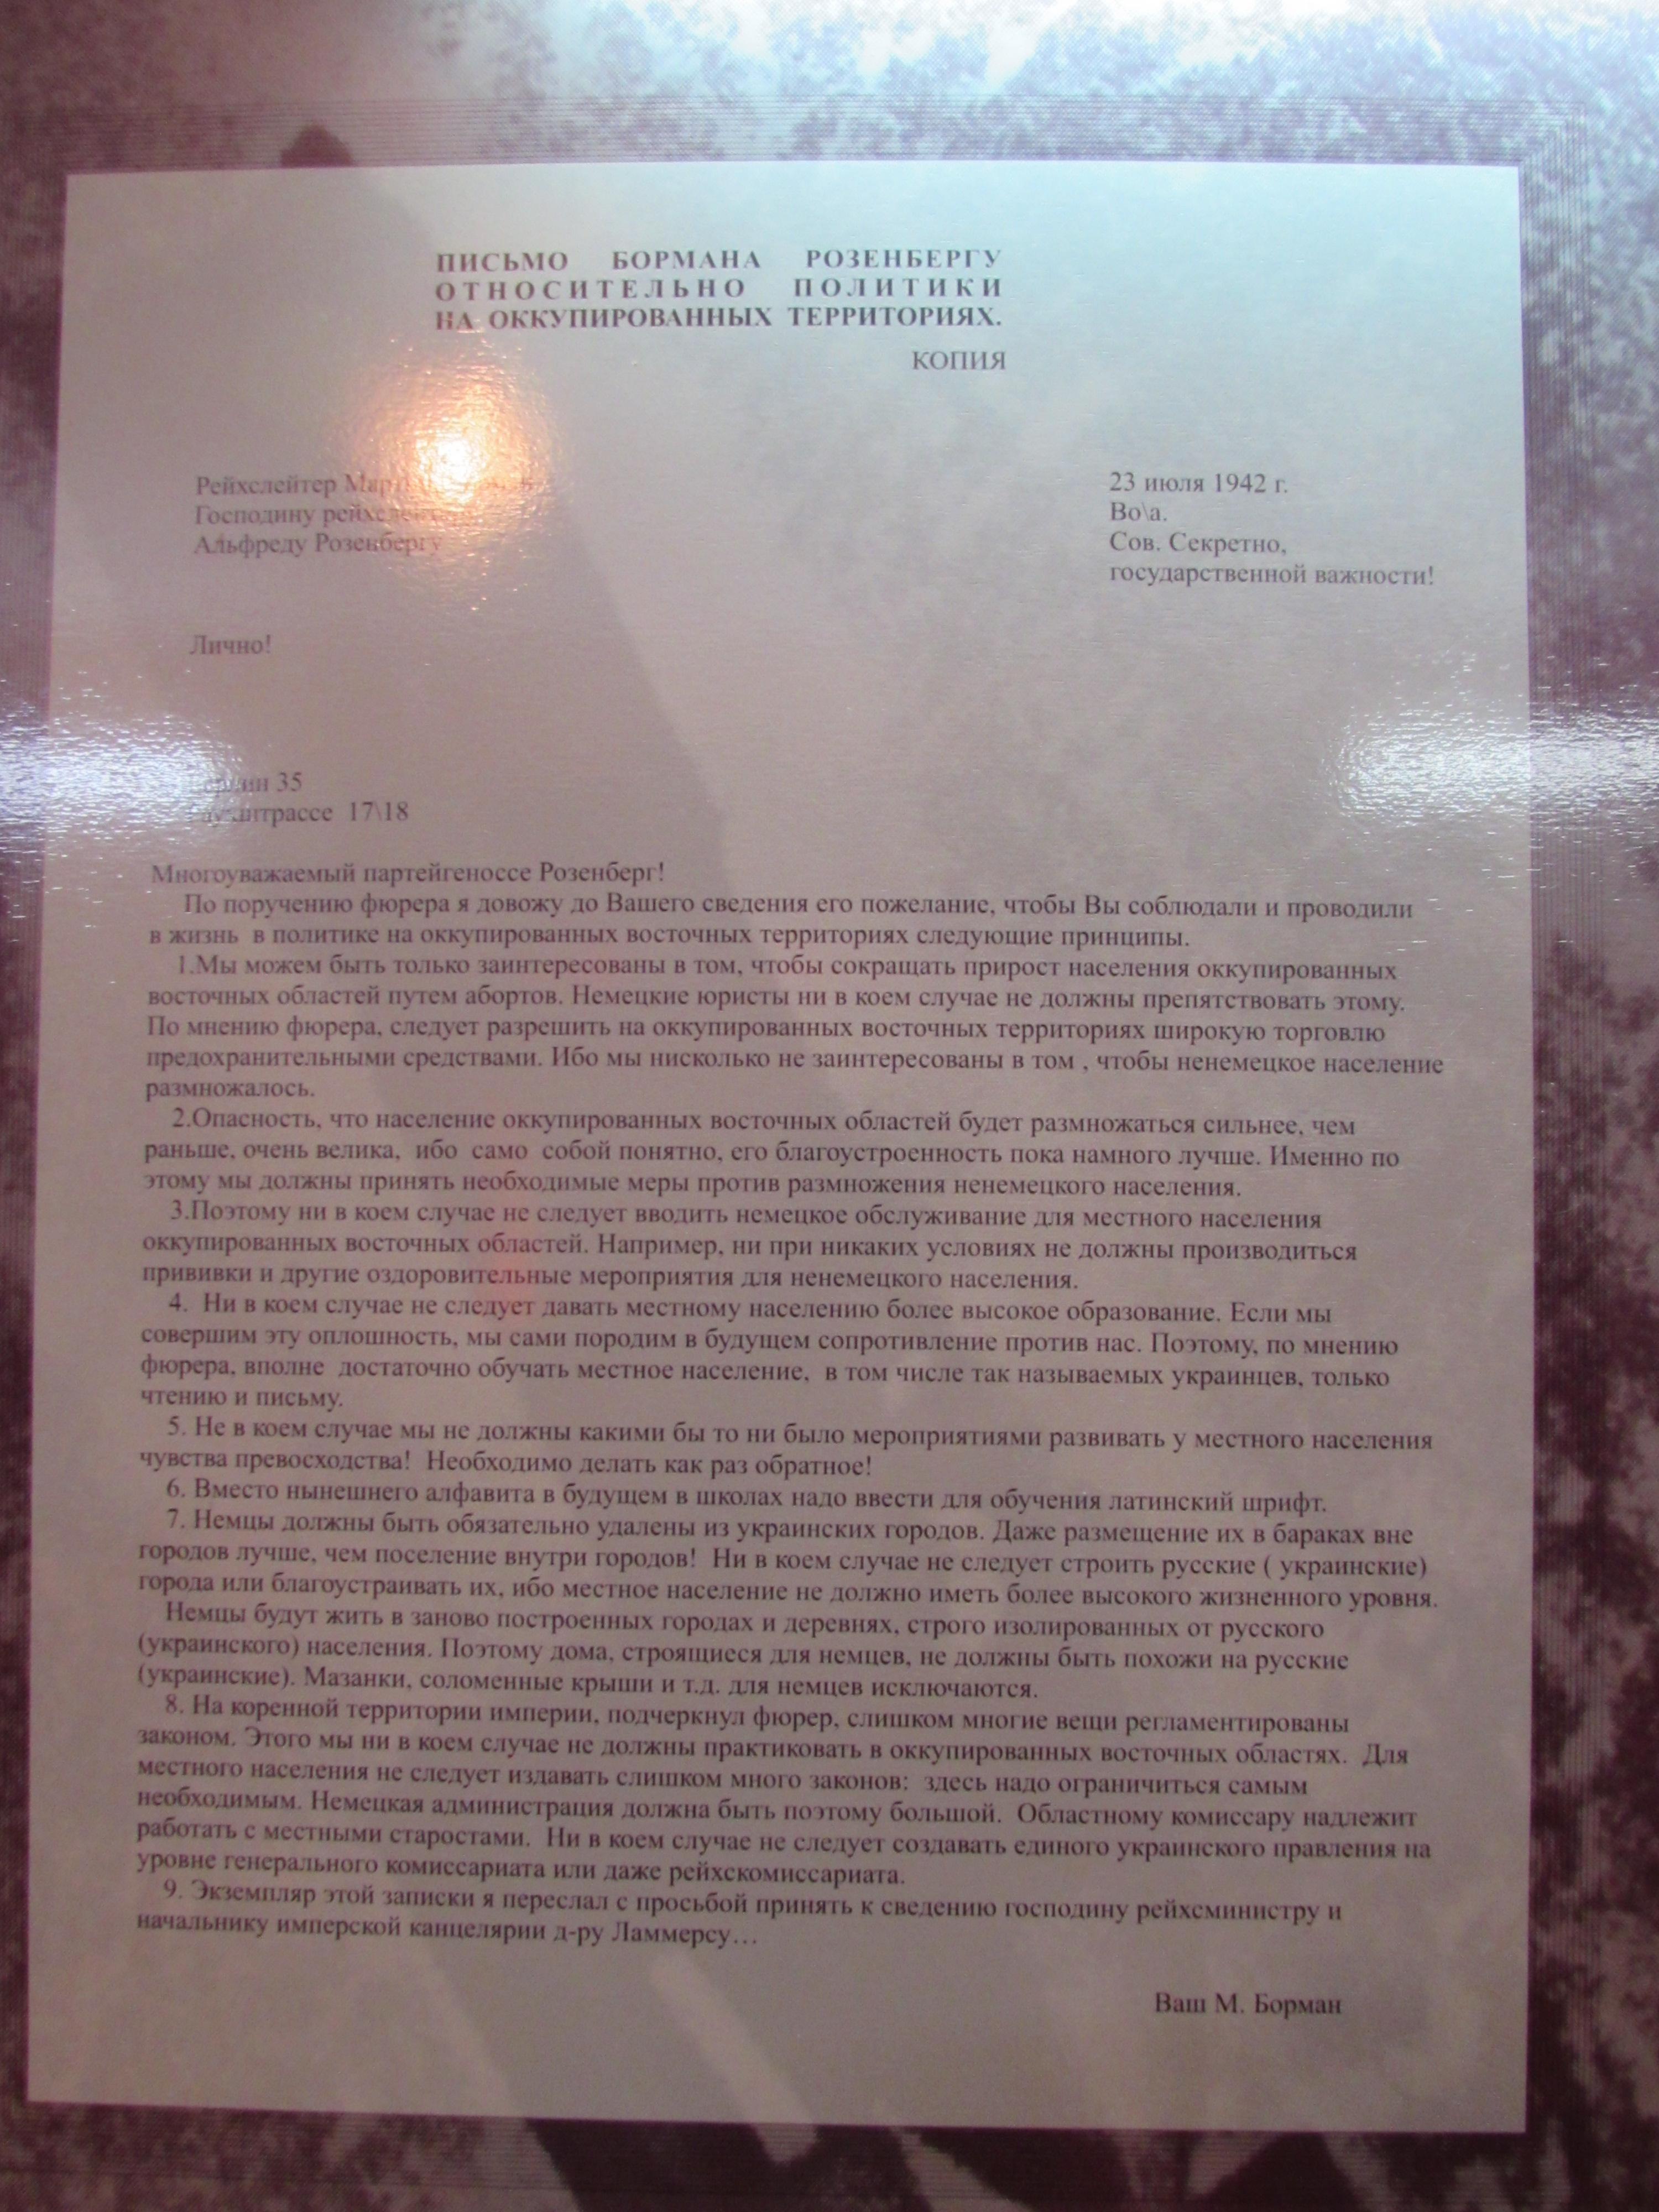 Военно-исторический музей. Письмо Бормана Розенбергу.